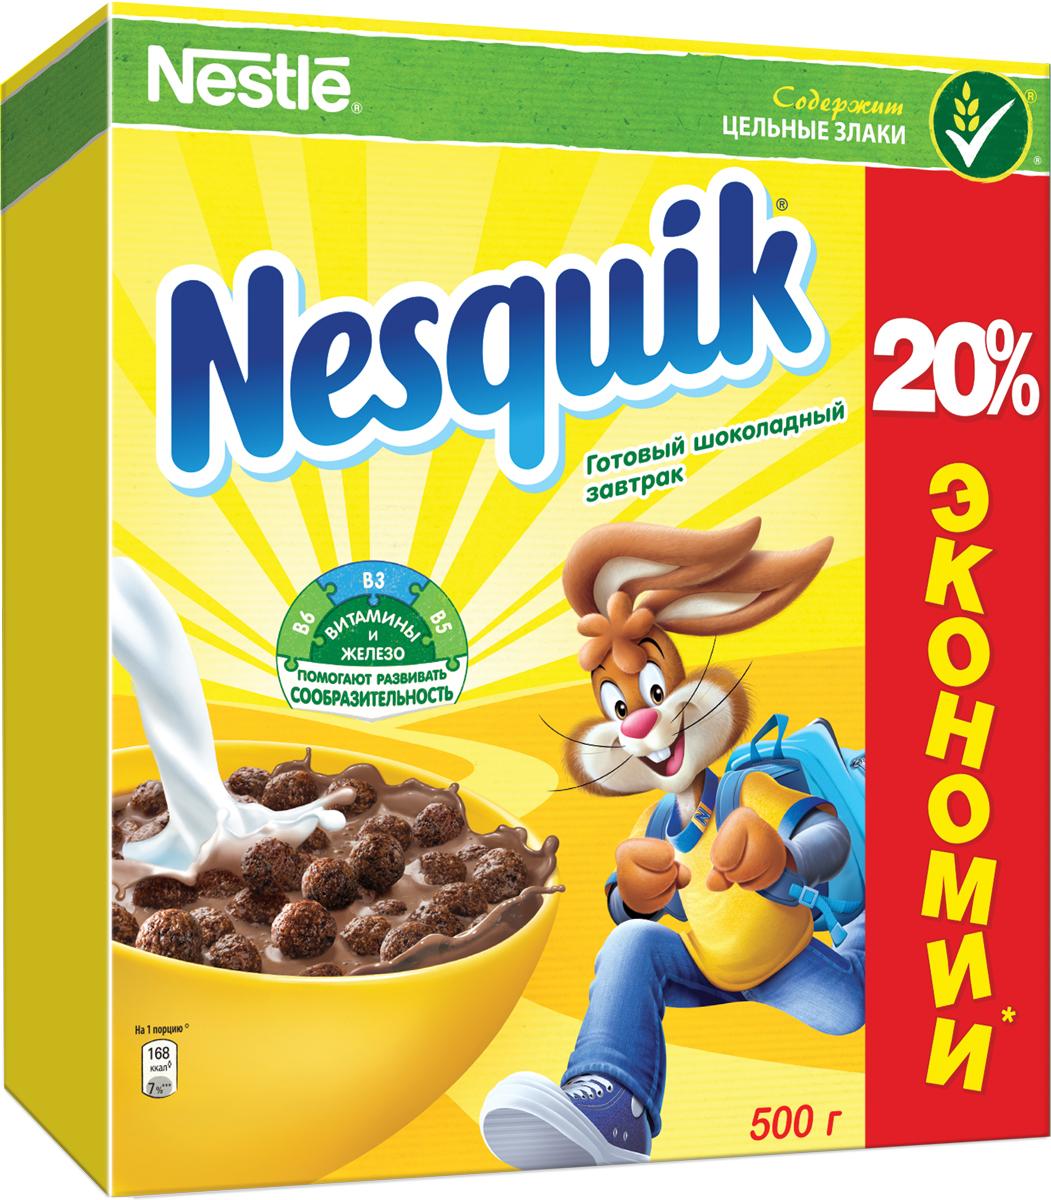 Nestle Nesquik Шоколадные шарики готовый завтрак, 500 г12156116Готовый завтрак Nestle Nesquik Шоколадные шарики - такой вкусный и невероятно шоколадный завтрак! Тарелка полезного для здоровья готового завтрака Nesquik в сочетании с молоком - это прекрасное начало дня. В состав готового завтрака Nesquik входят цельные злаки (природный источник клетчатки), а также он обогащен 7 витаминами, железом и кальцием, которые помогают расти здоровым и умным. Какао - секрет волшебного шоколадного вкуса Nesquik, который так нравится детям. Дети любят готовый завтрак Nesquik за чудесный шоколадный вкус, а мамы - за его пользу.Рекомендуется употреблять с молоком, кефиром, йогуртом или соком.Уважаемые клиенты! Обращаем ваше внимание на то, что упаковка может иметь несколько видов дизайна. Поставка осуществляется в зависимости от наличия на складе.